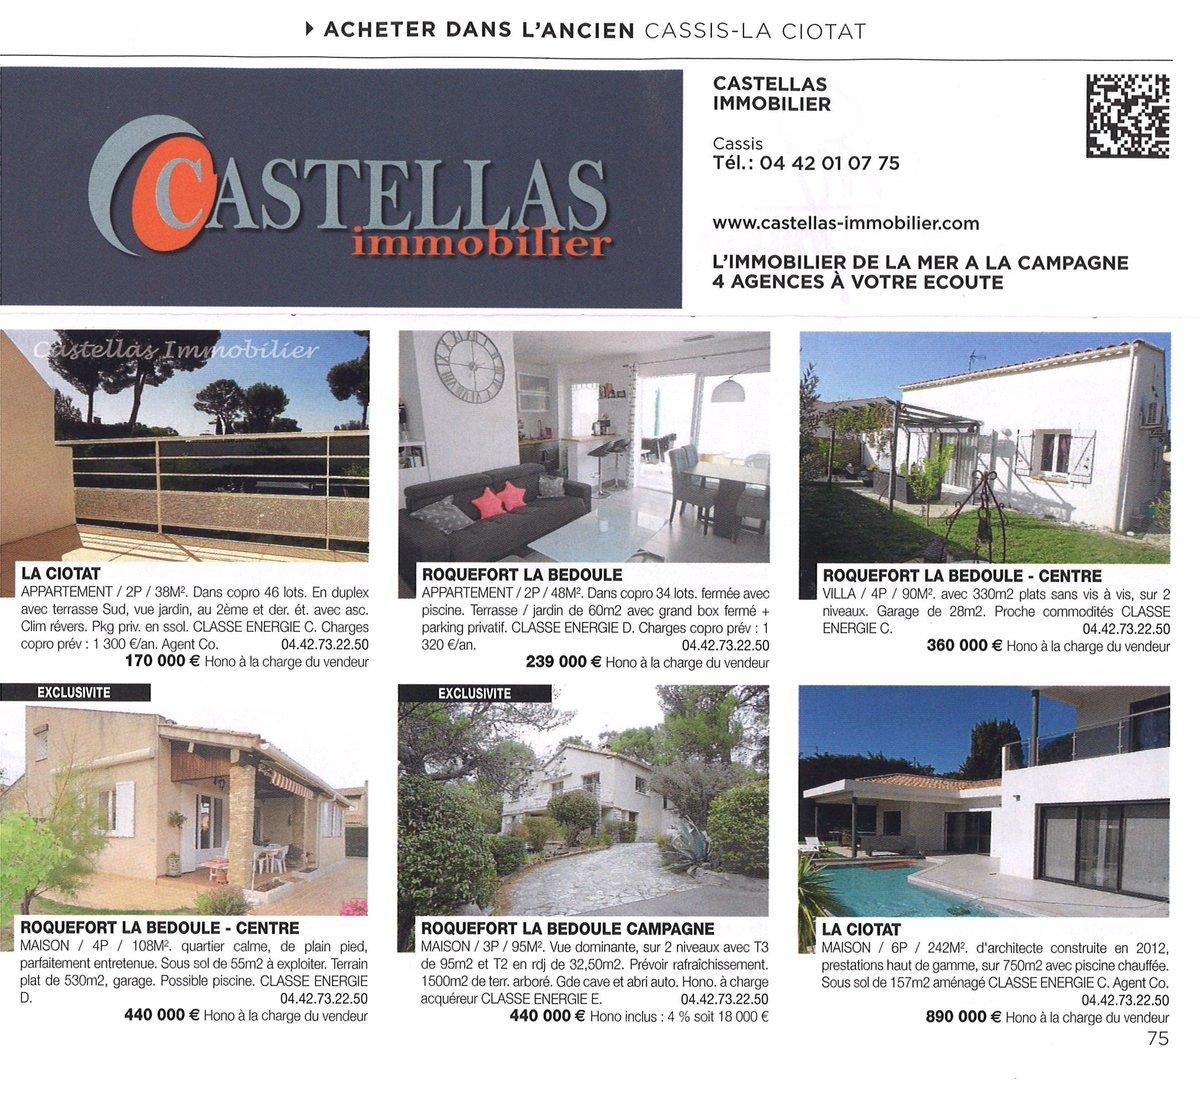 Immobilier Laciotat Notre Slection Castellas Sur Le Nouveau Magazine Logic  Immo Du Novembre With Classe Energie Maison